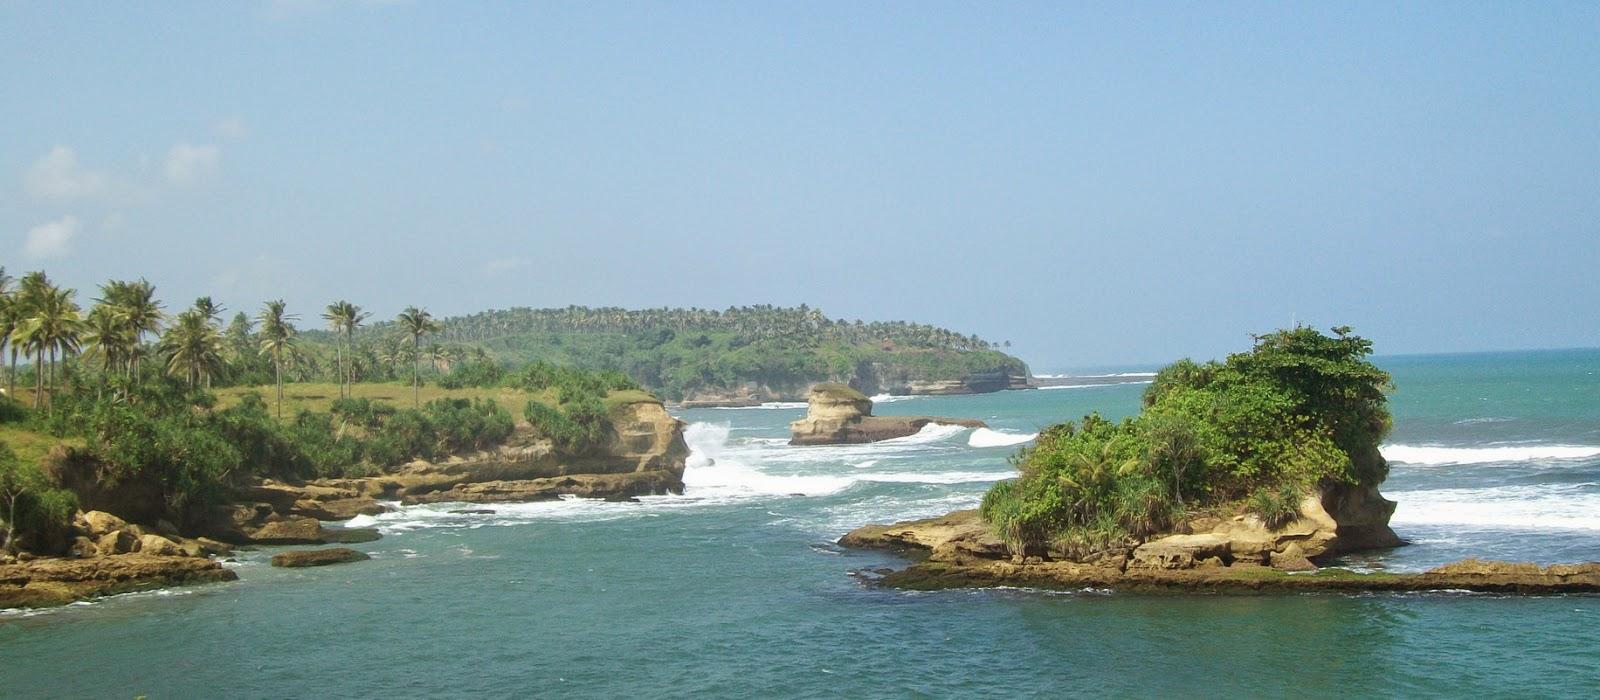 Pantai Ujung Genteng Pesona Pnatai Cantik Di Jawa Barat Jawa Barat